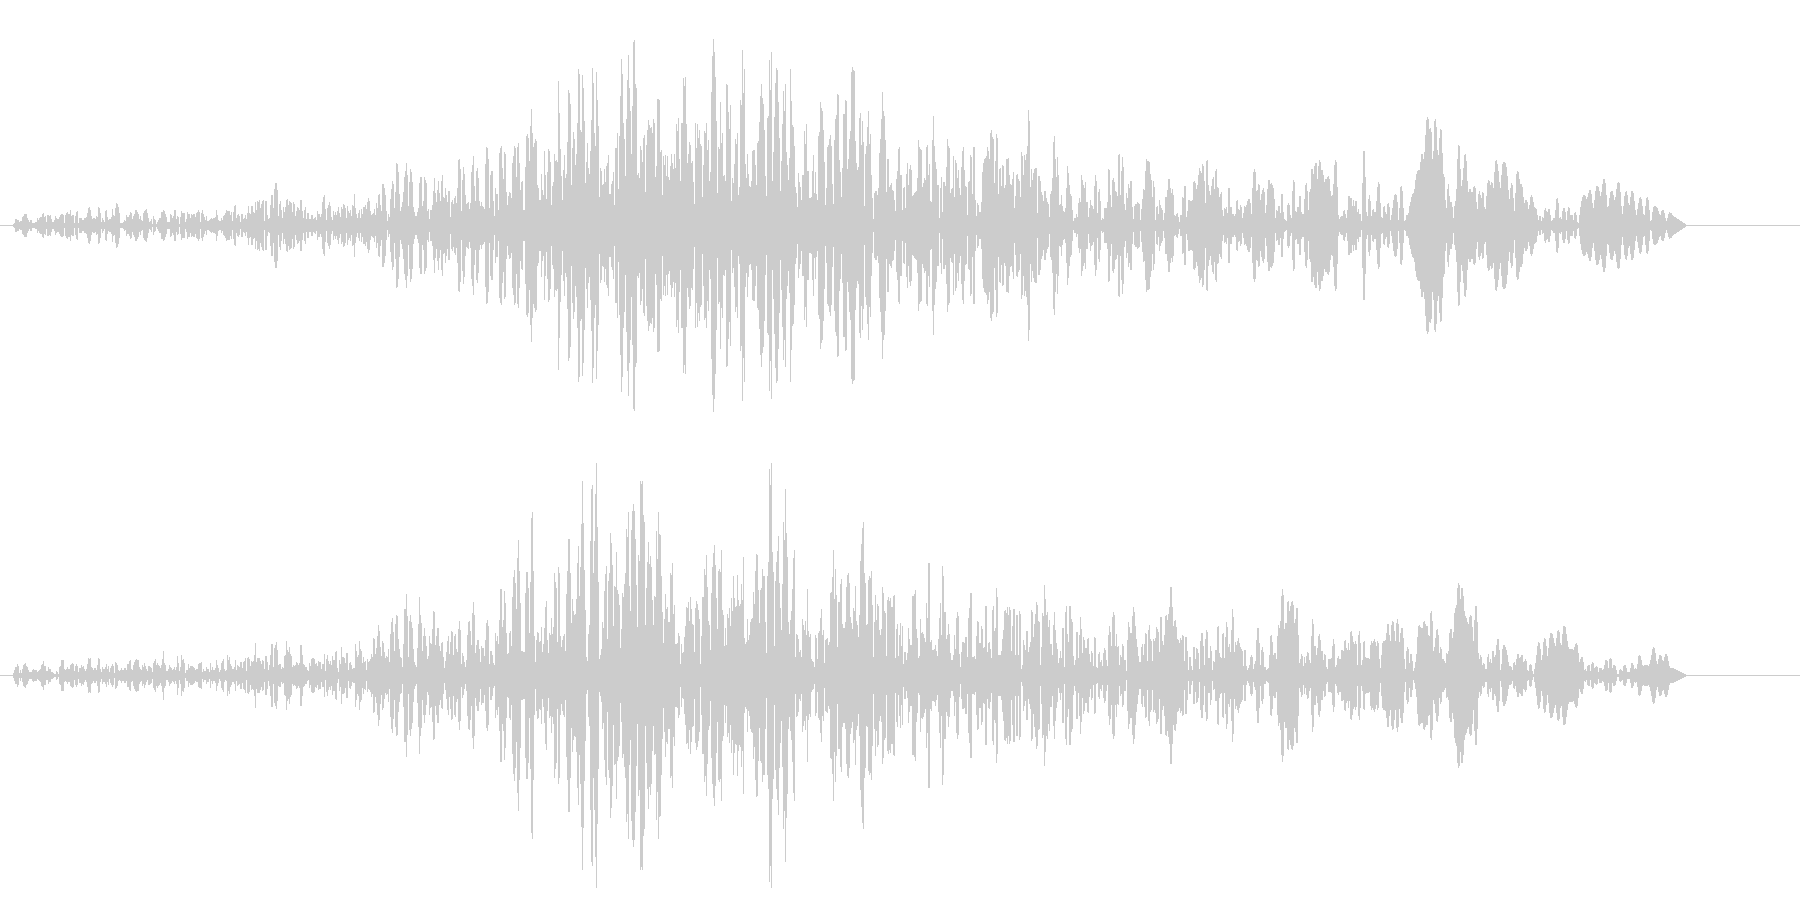 ブォワゥンというハウリング音の未再生の波形